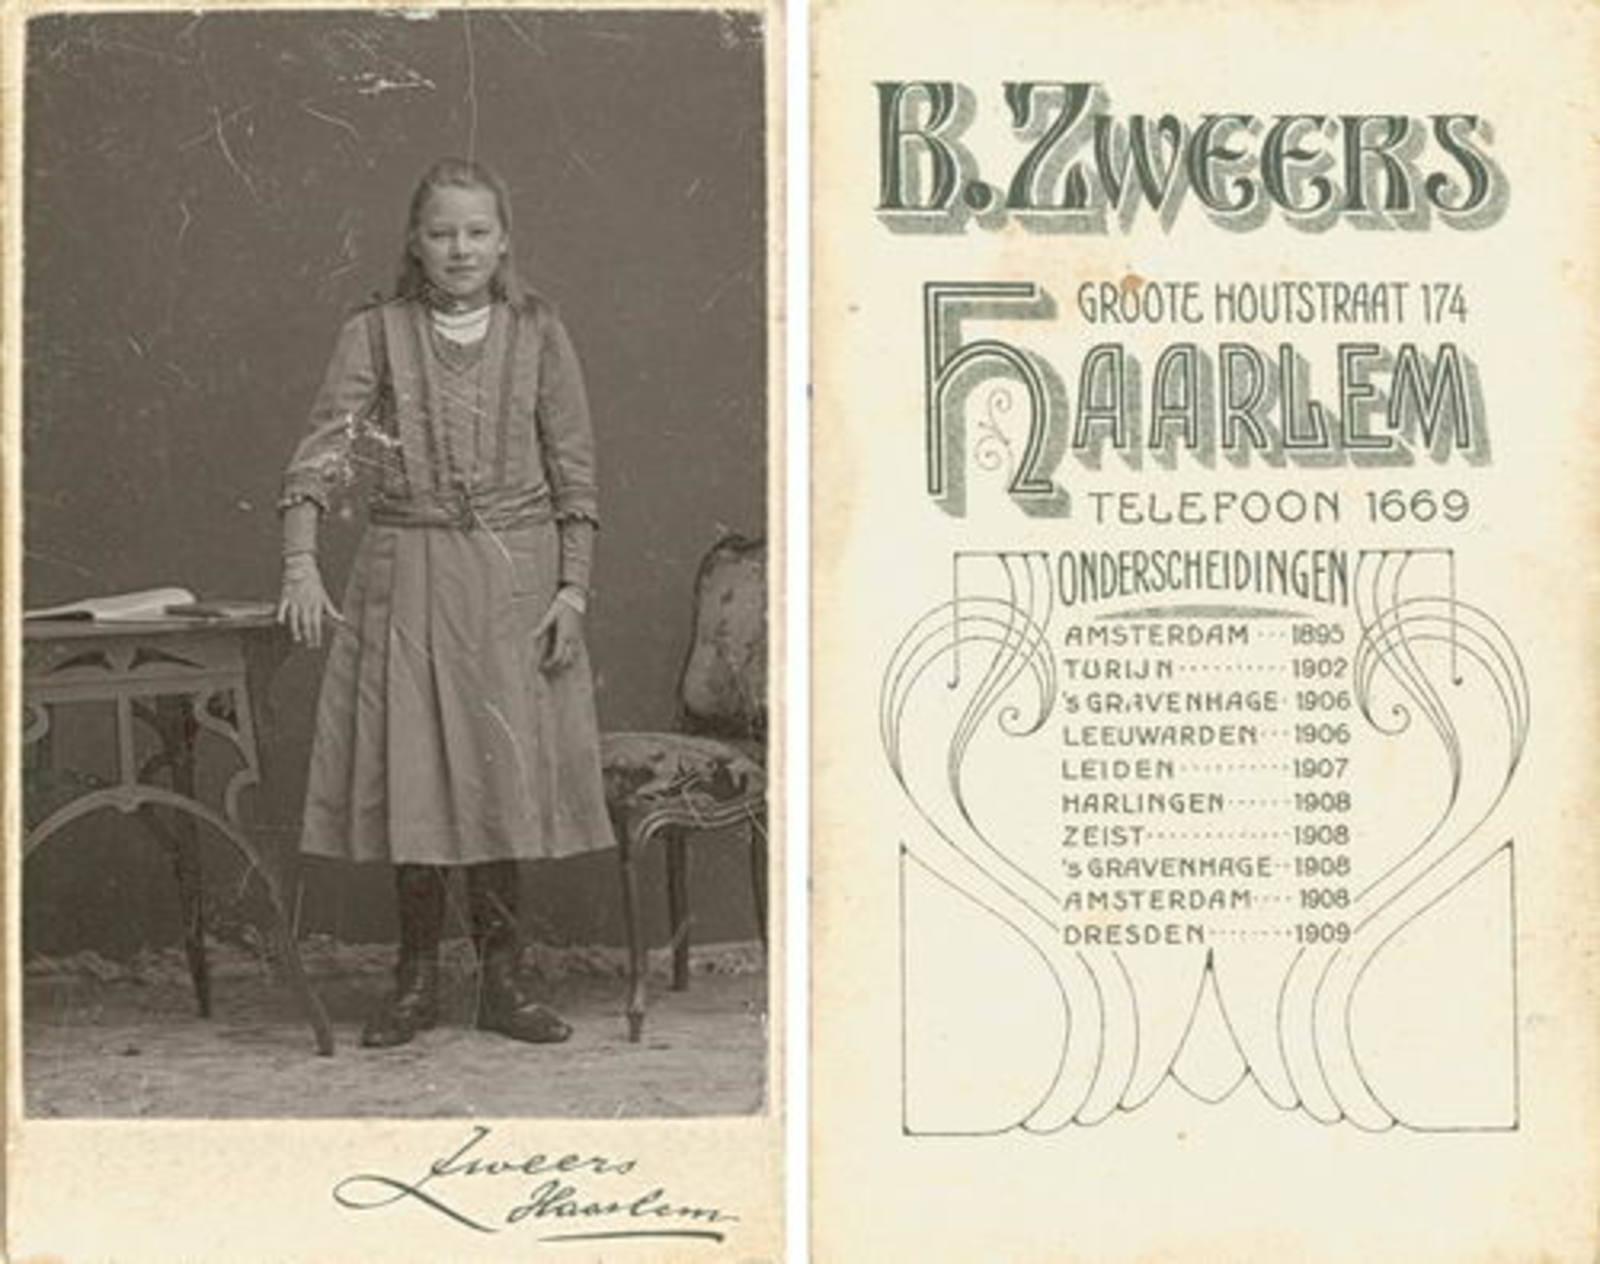 Zanten Bets v AbrDr 1898 1909+ bij Fotograaf